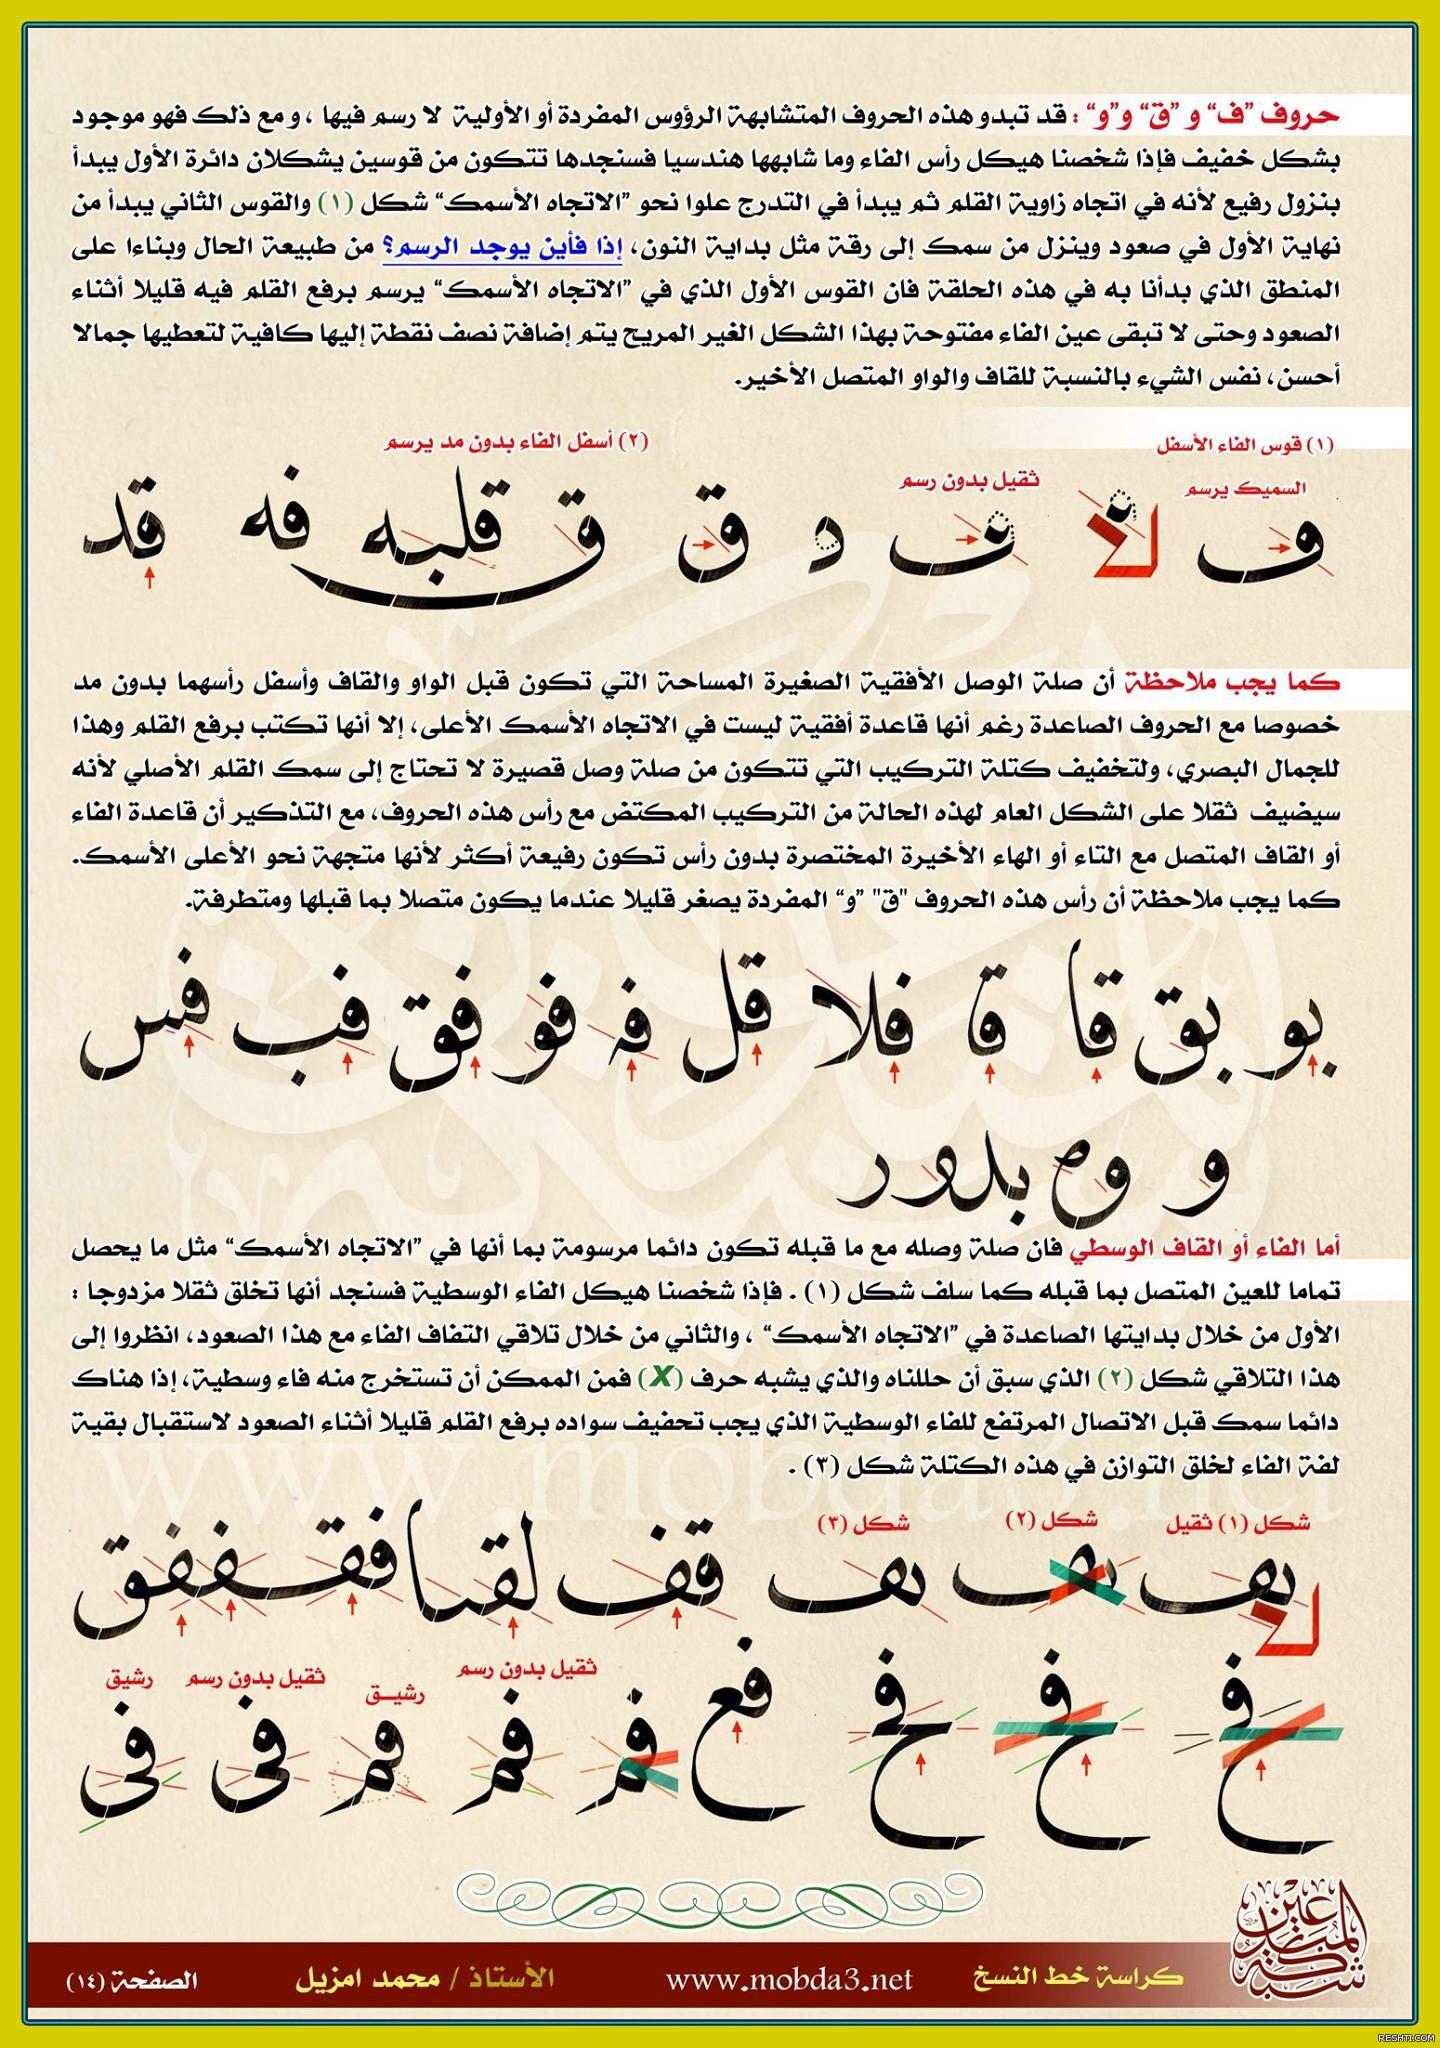 أسرار الرسم في خط النسخ - محمد أمزيل 4